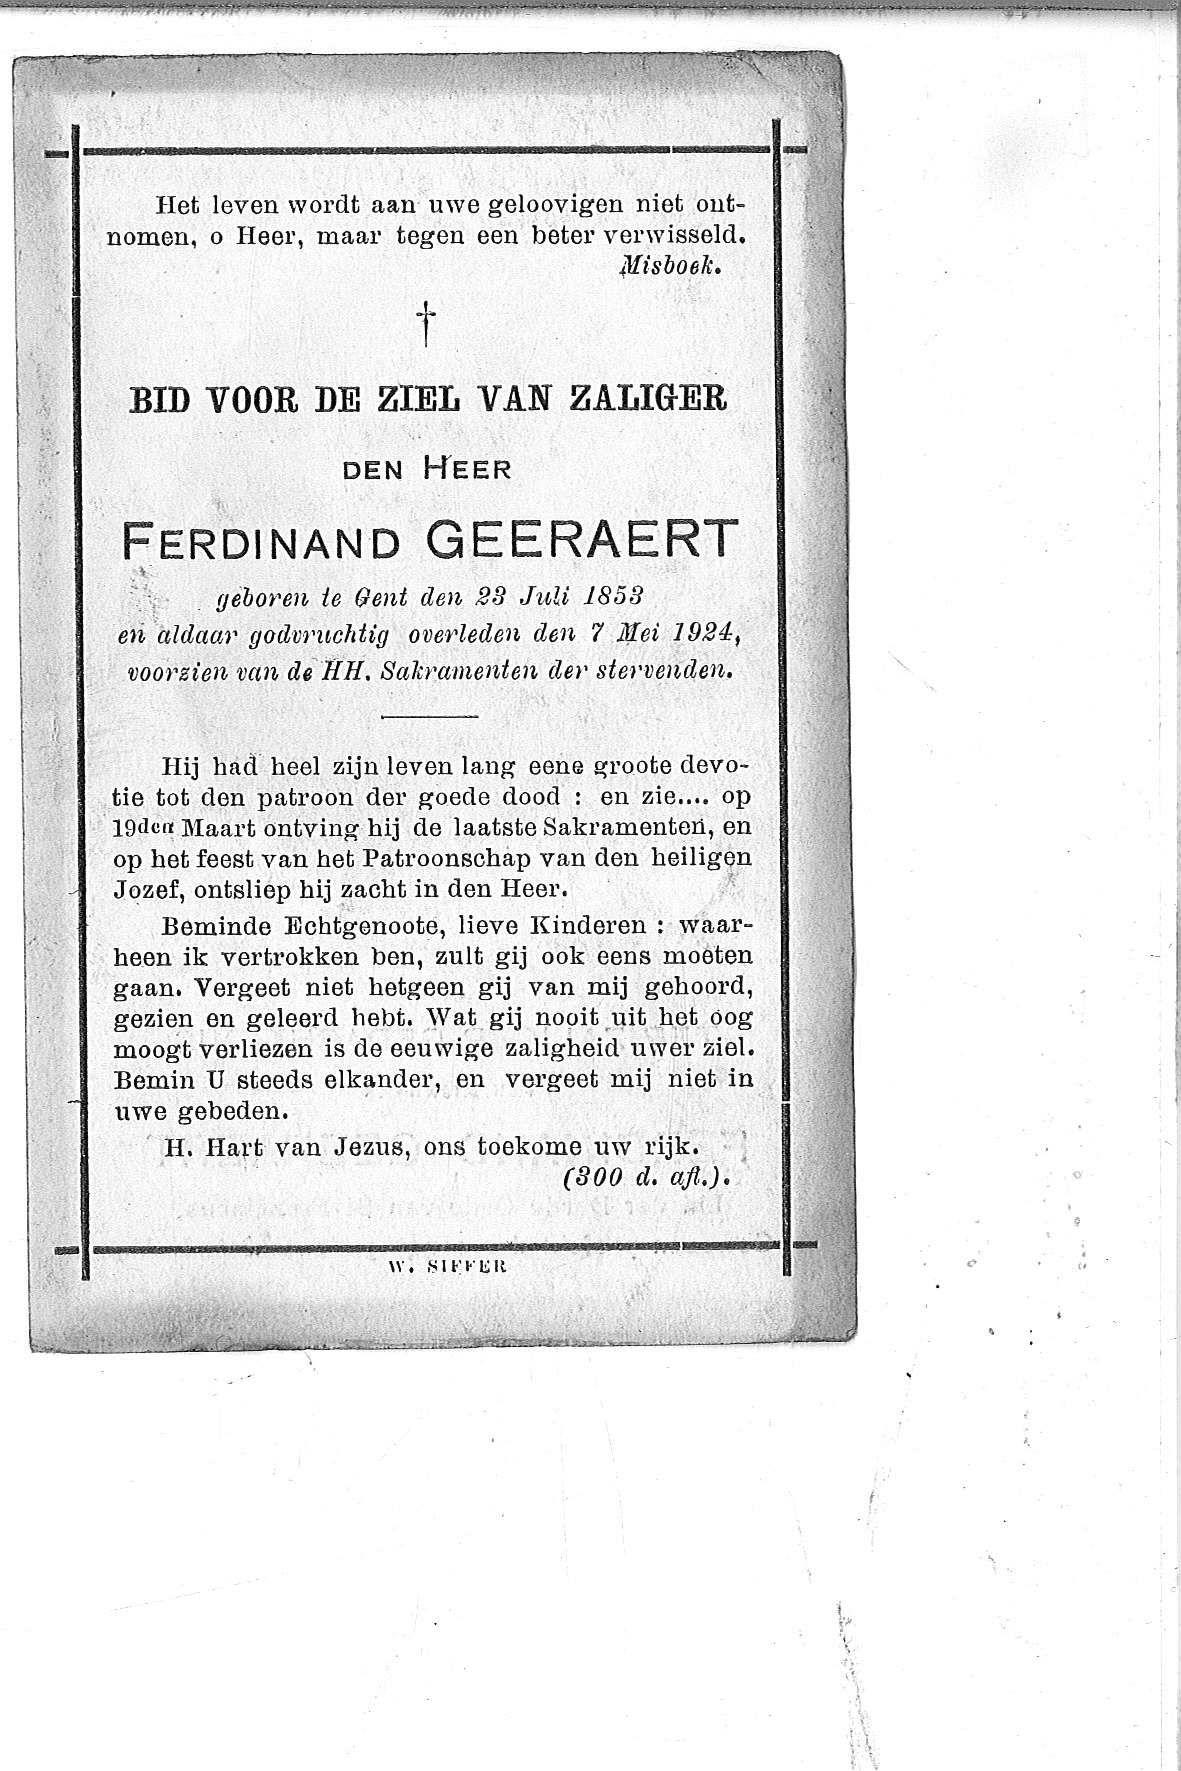 Ferdinand(1924)20130604133153_00023.jpg